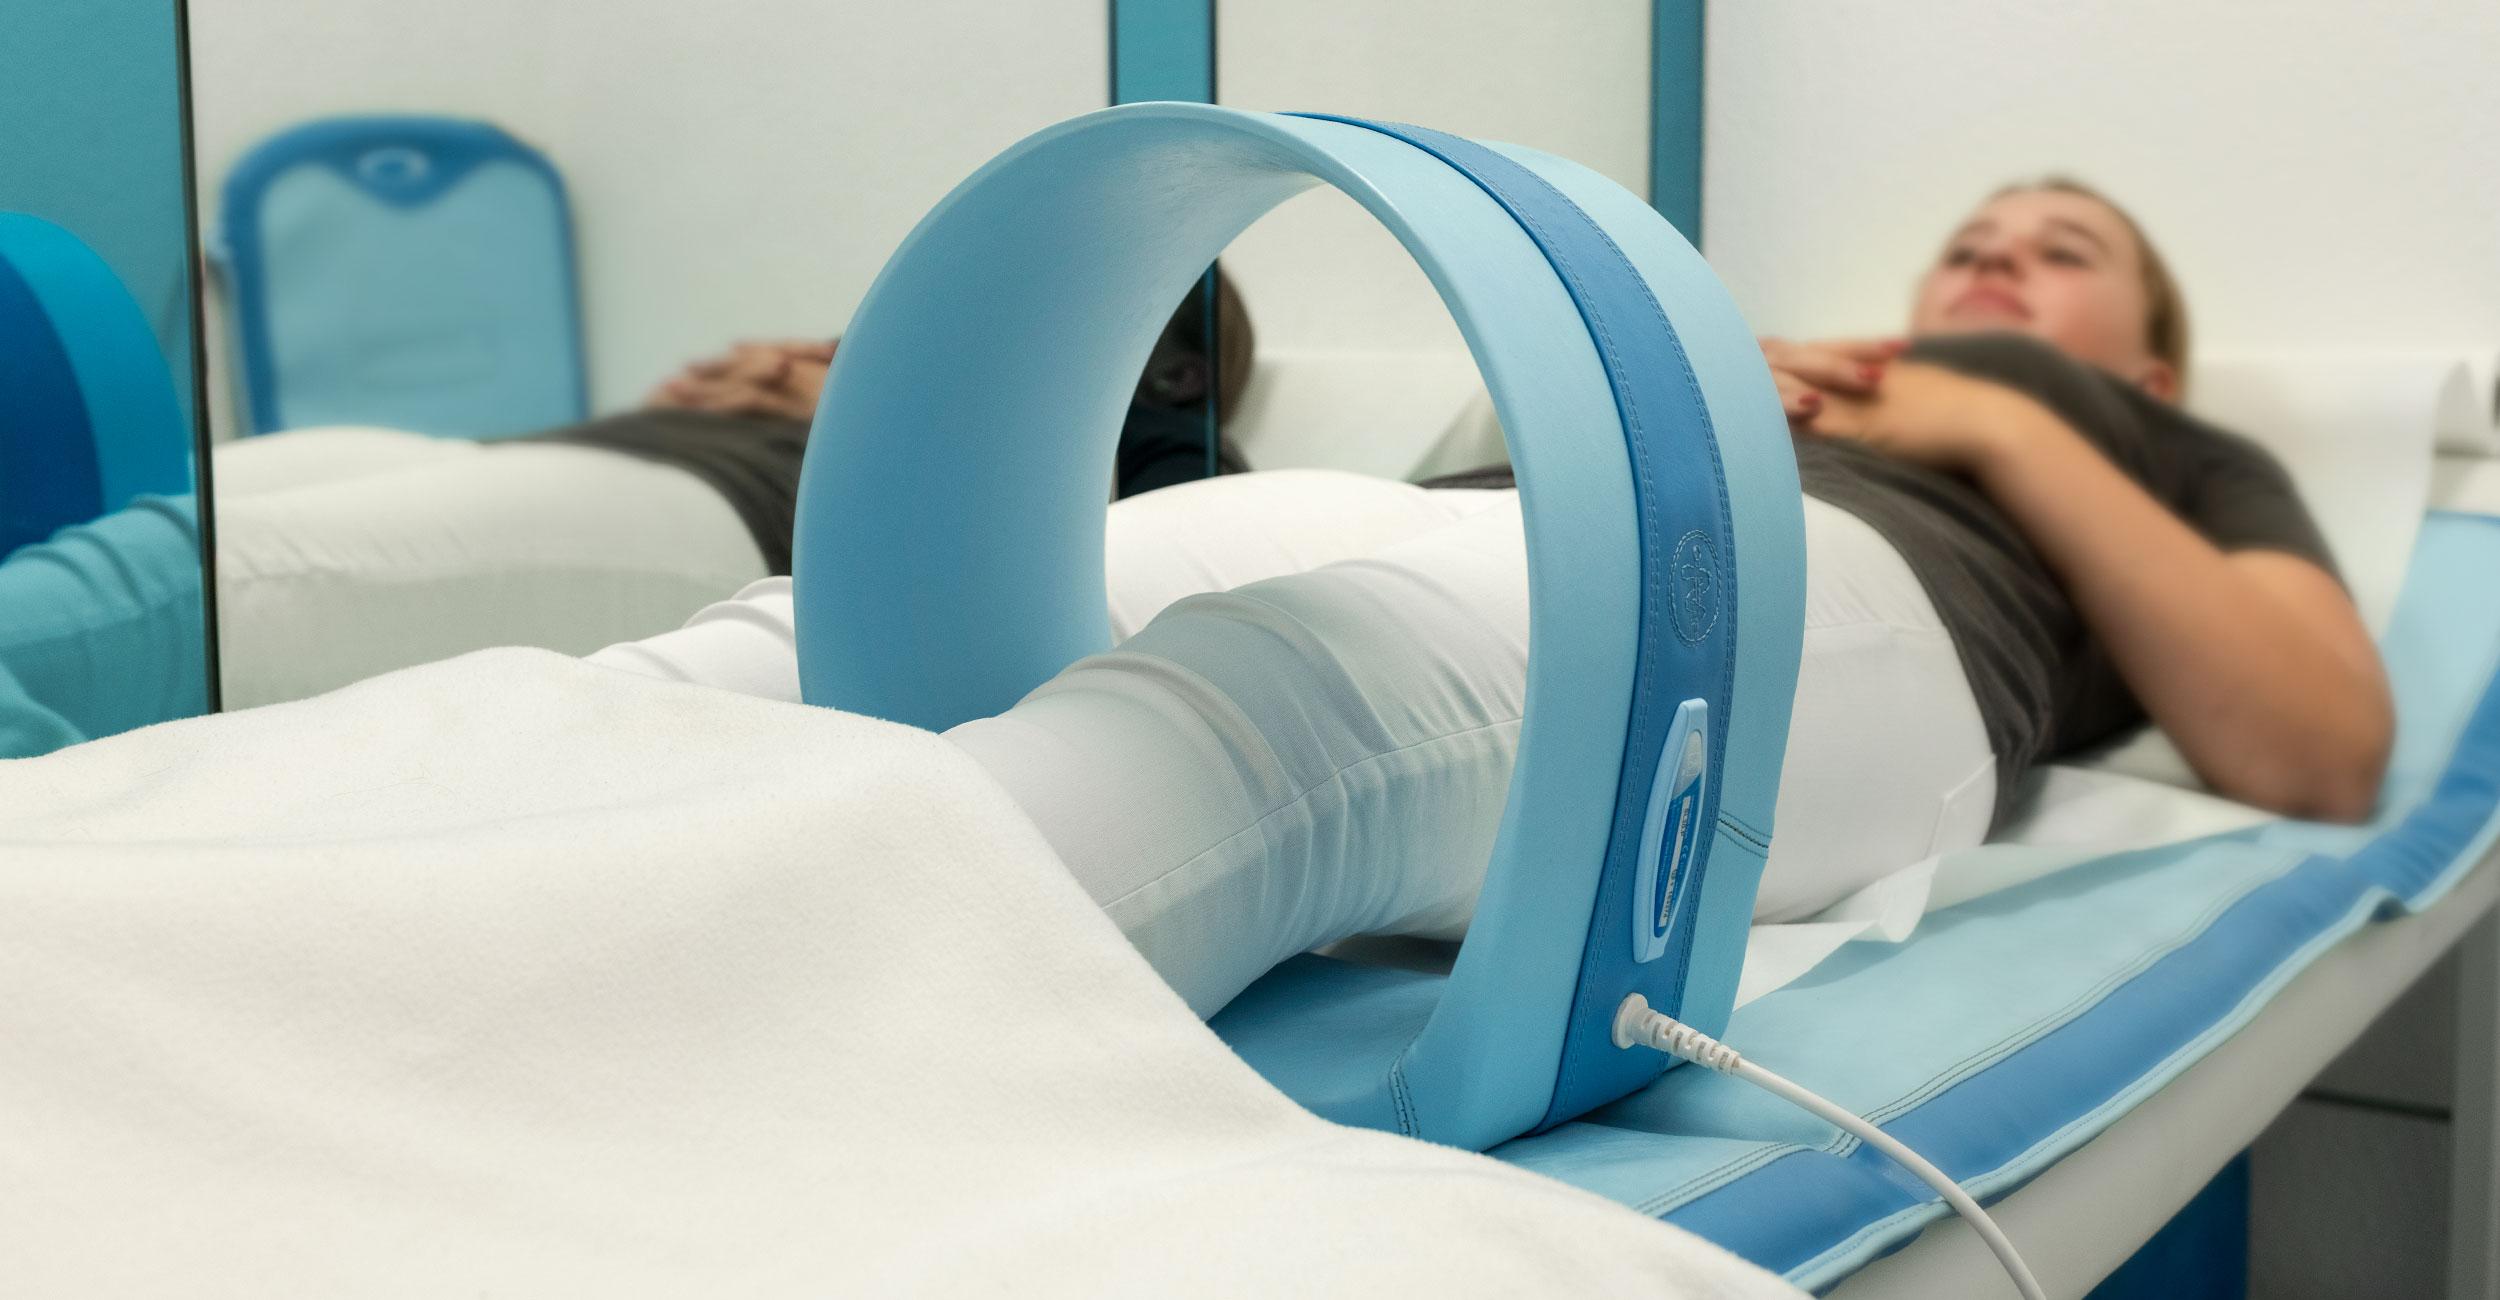 Magnetfeldtherapie zur Behandlung bei Arthrose und Schmerzen